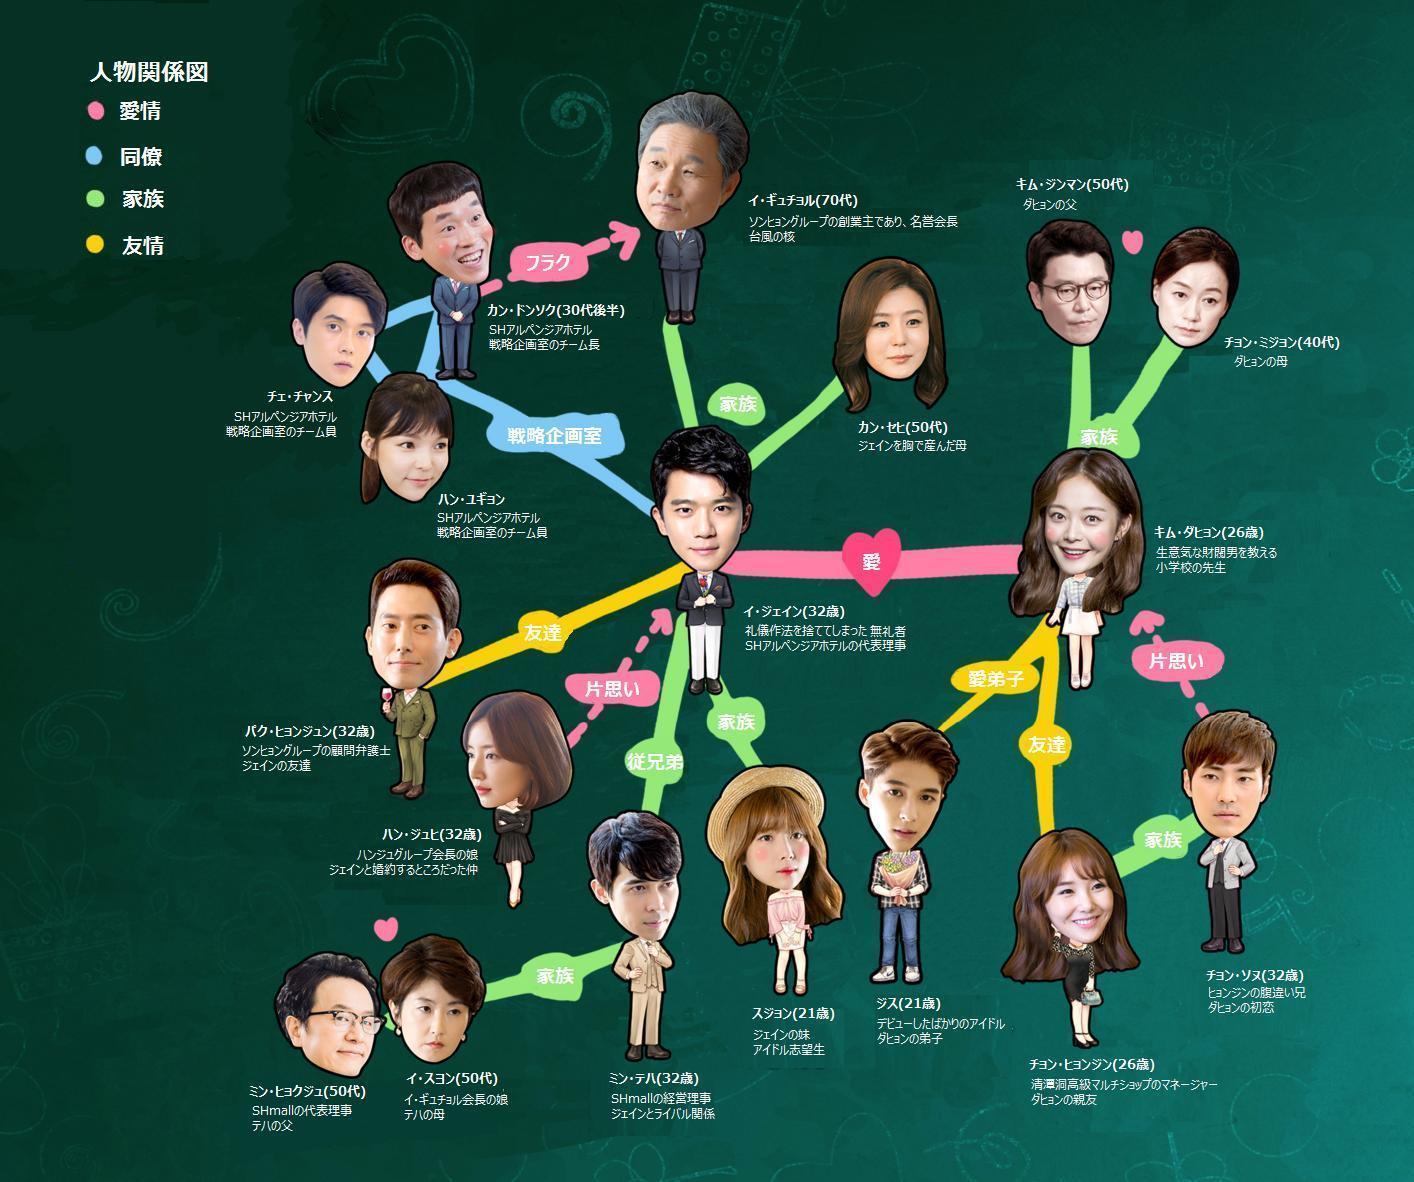 韓国ドラマ-1%の奇跡(2016) 相関図